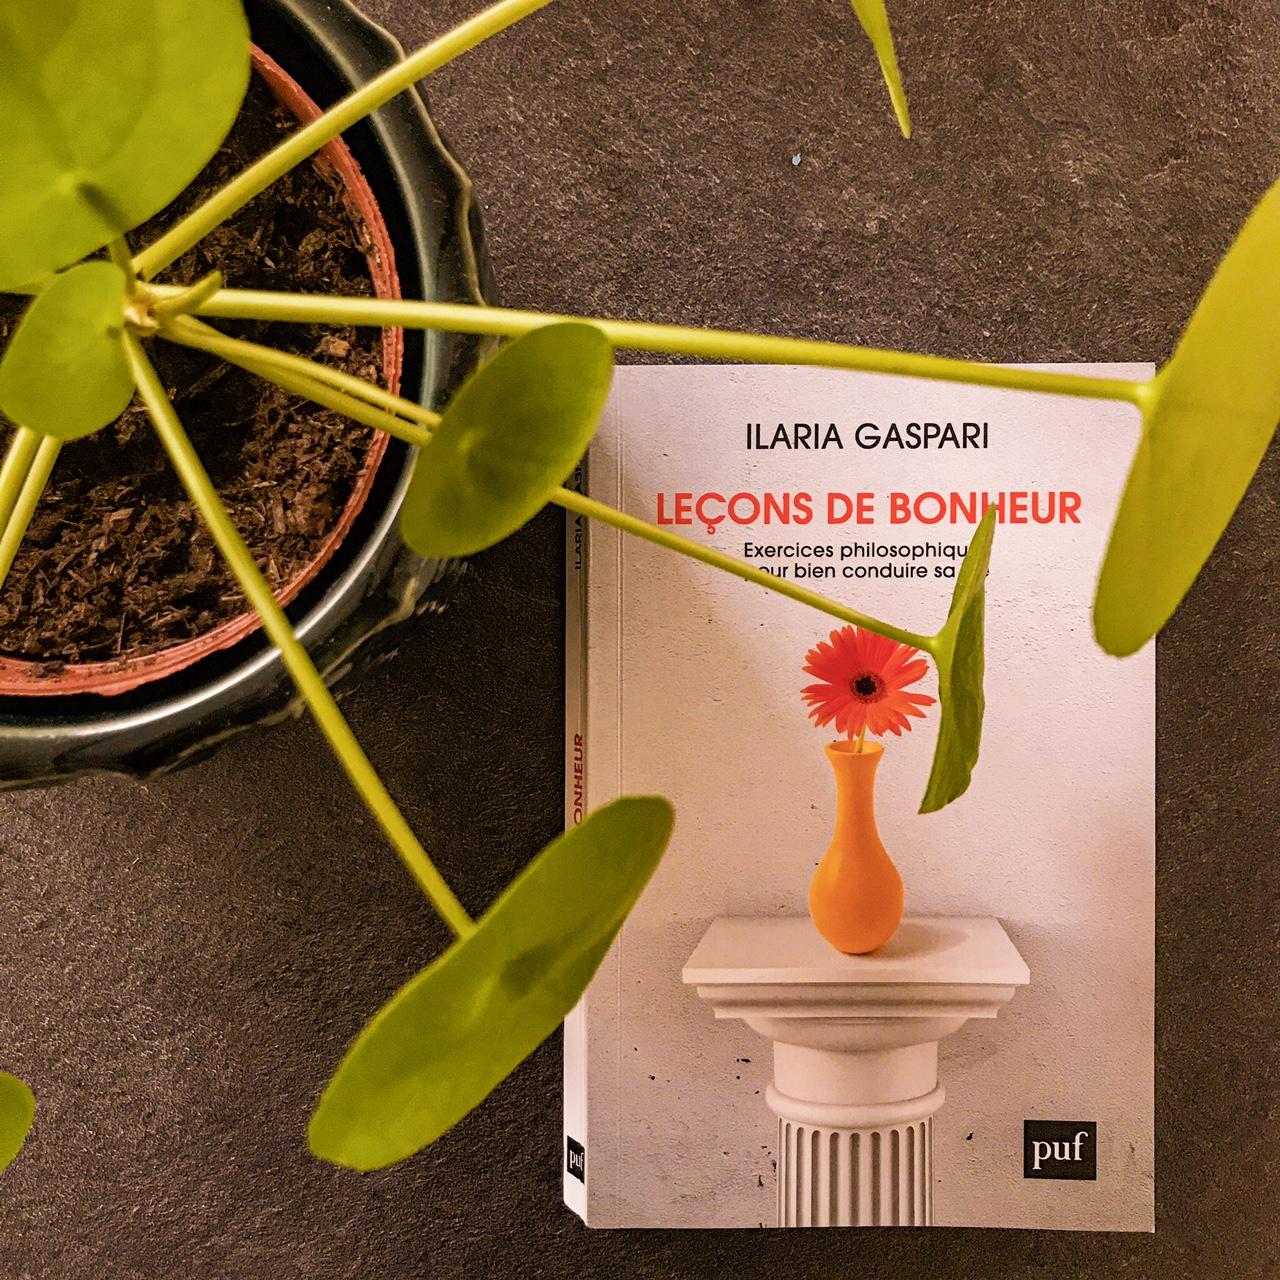 Leçons de bonheur, d'Ilaria Gaspari : que philosopher c'est apprendre à vivre